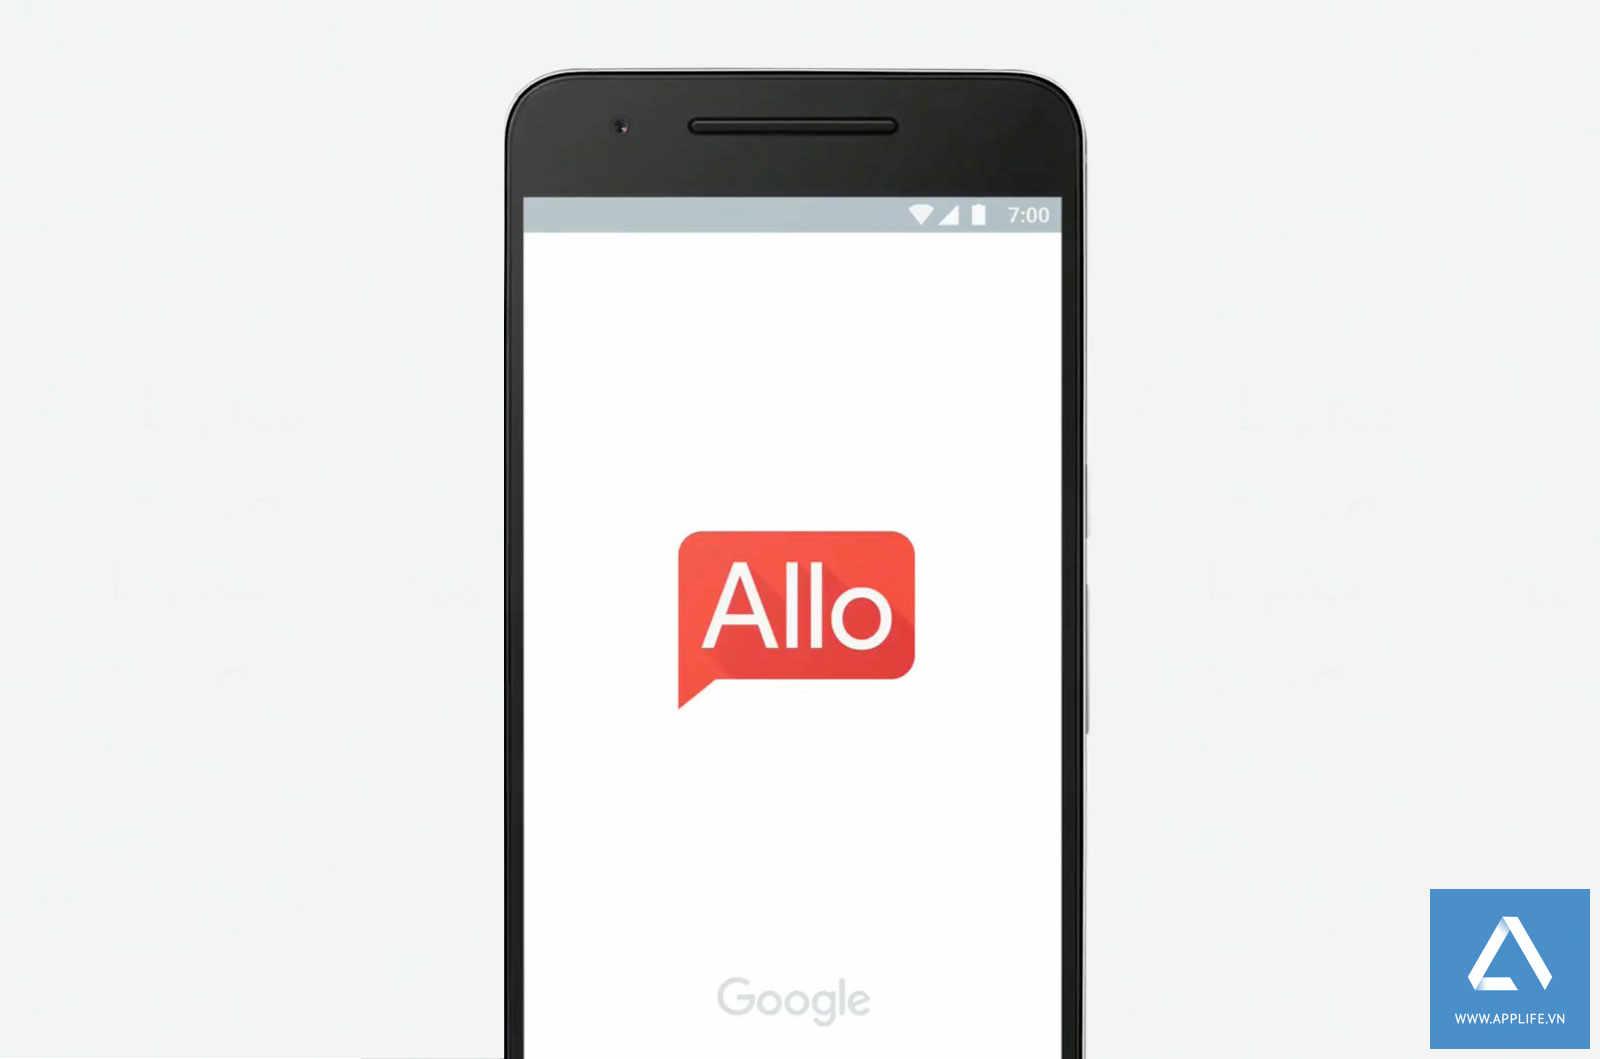 allo-google-ed